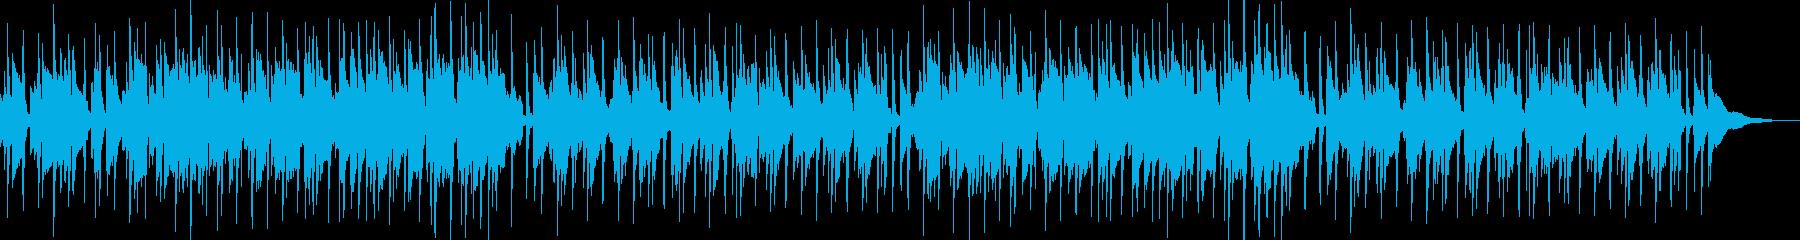 アコギのノスタルジックな優しいBGMの再生済みの波形